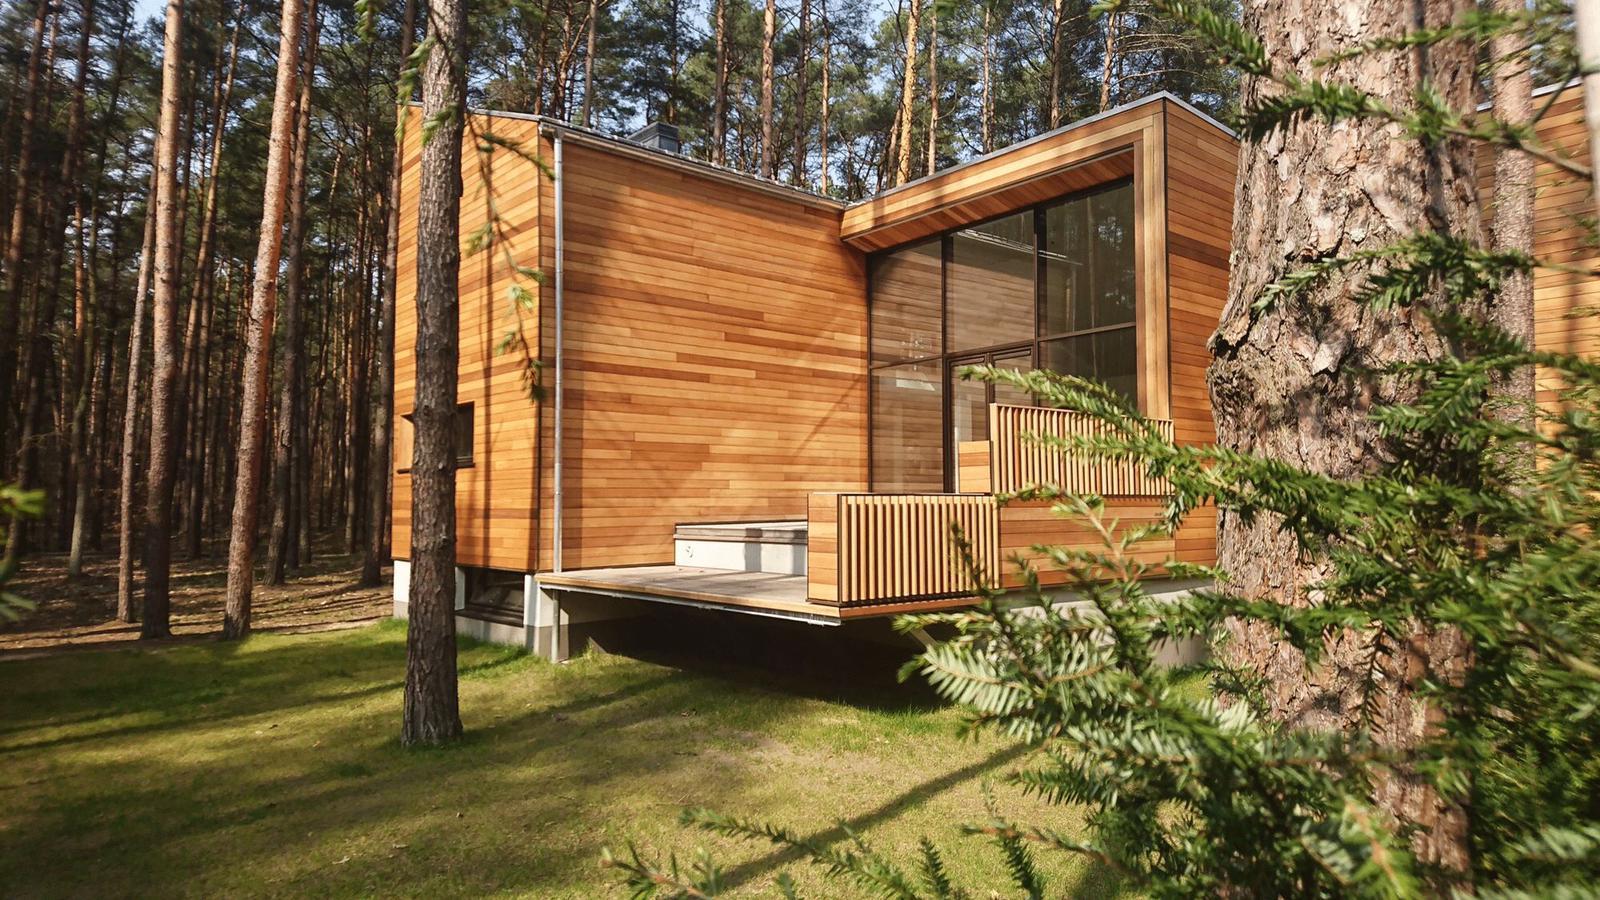 Styl japandi w domu gwiazdy TVN. Dębowa drewniana podłoga, ratan, bambus i kolory ziemi